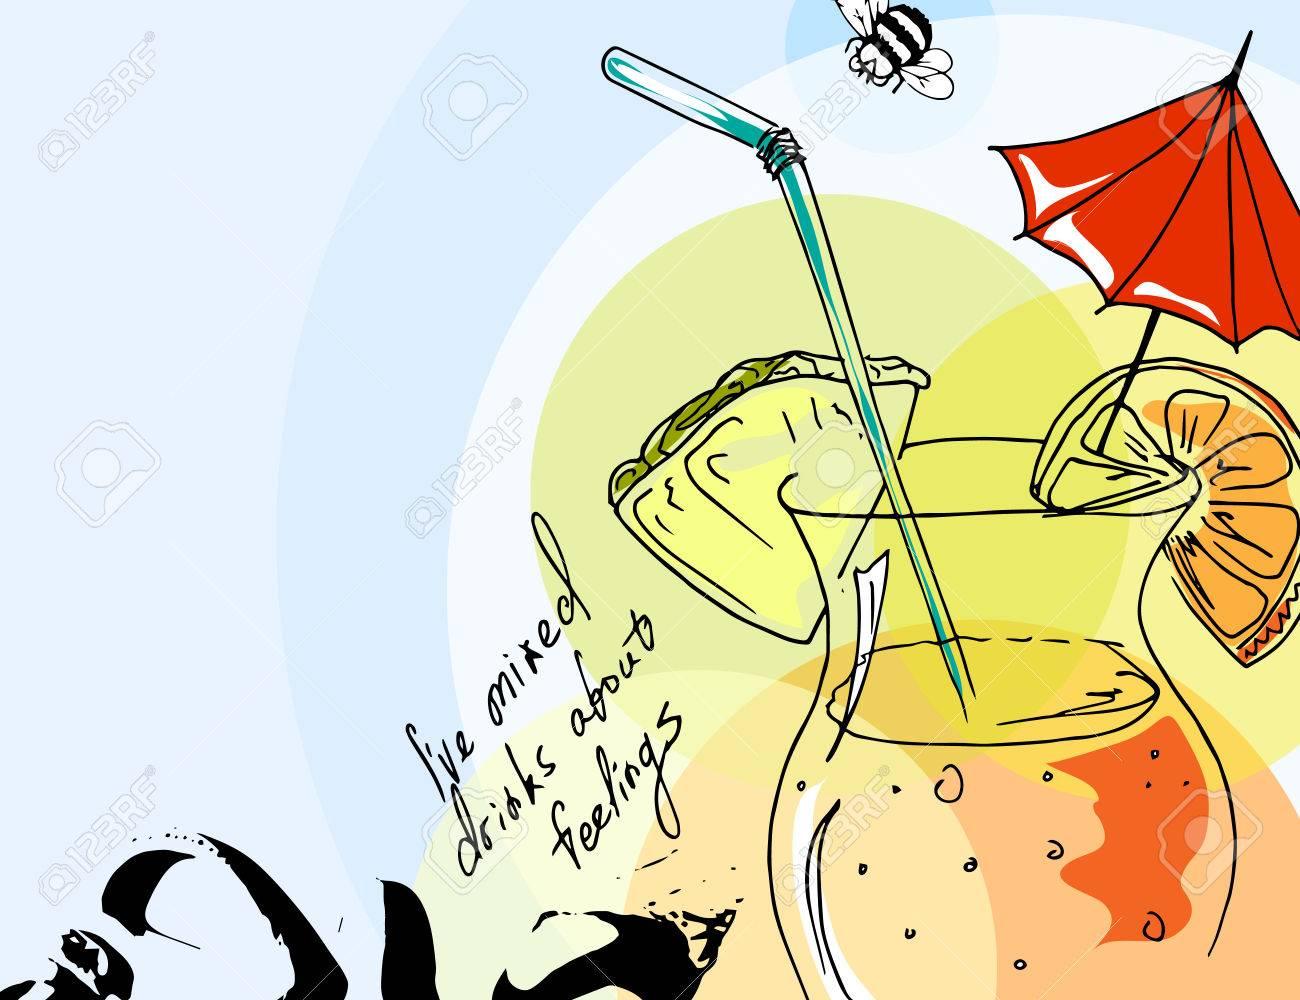 Dessin Avec La Main dessin à main levée. illustration de cocktail tropical avec parasol. modèle  sans couture